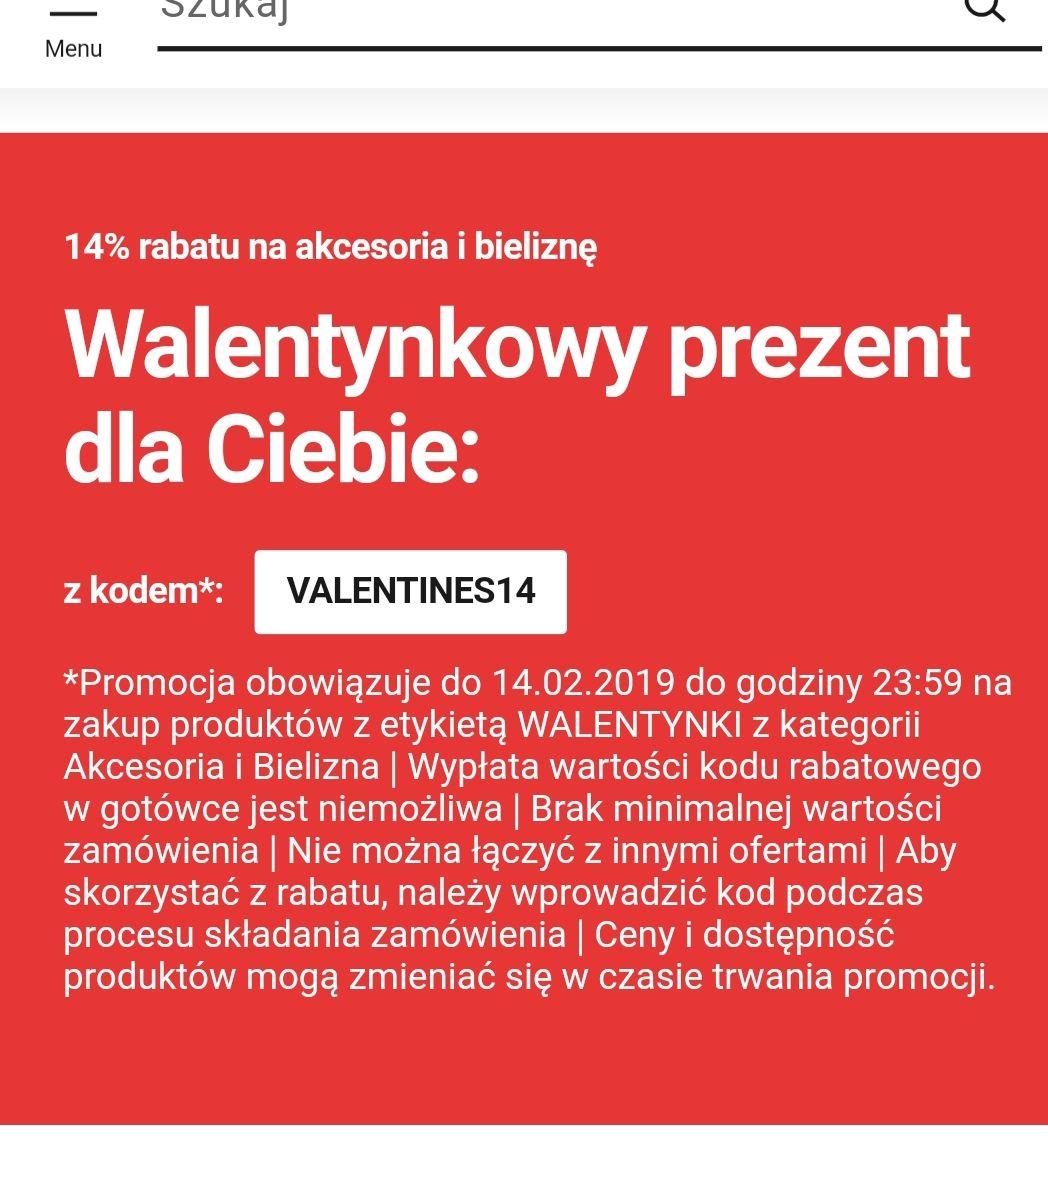 14% rabatu z kodem VALENTINES14 na akcesoria i bieliznę oznaczone etykietą WALENTYNKI tylko do 14.02.2019!